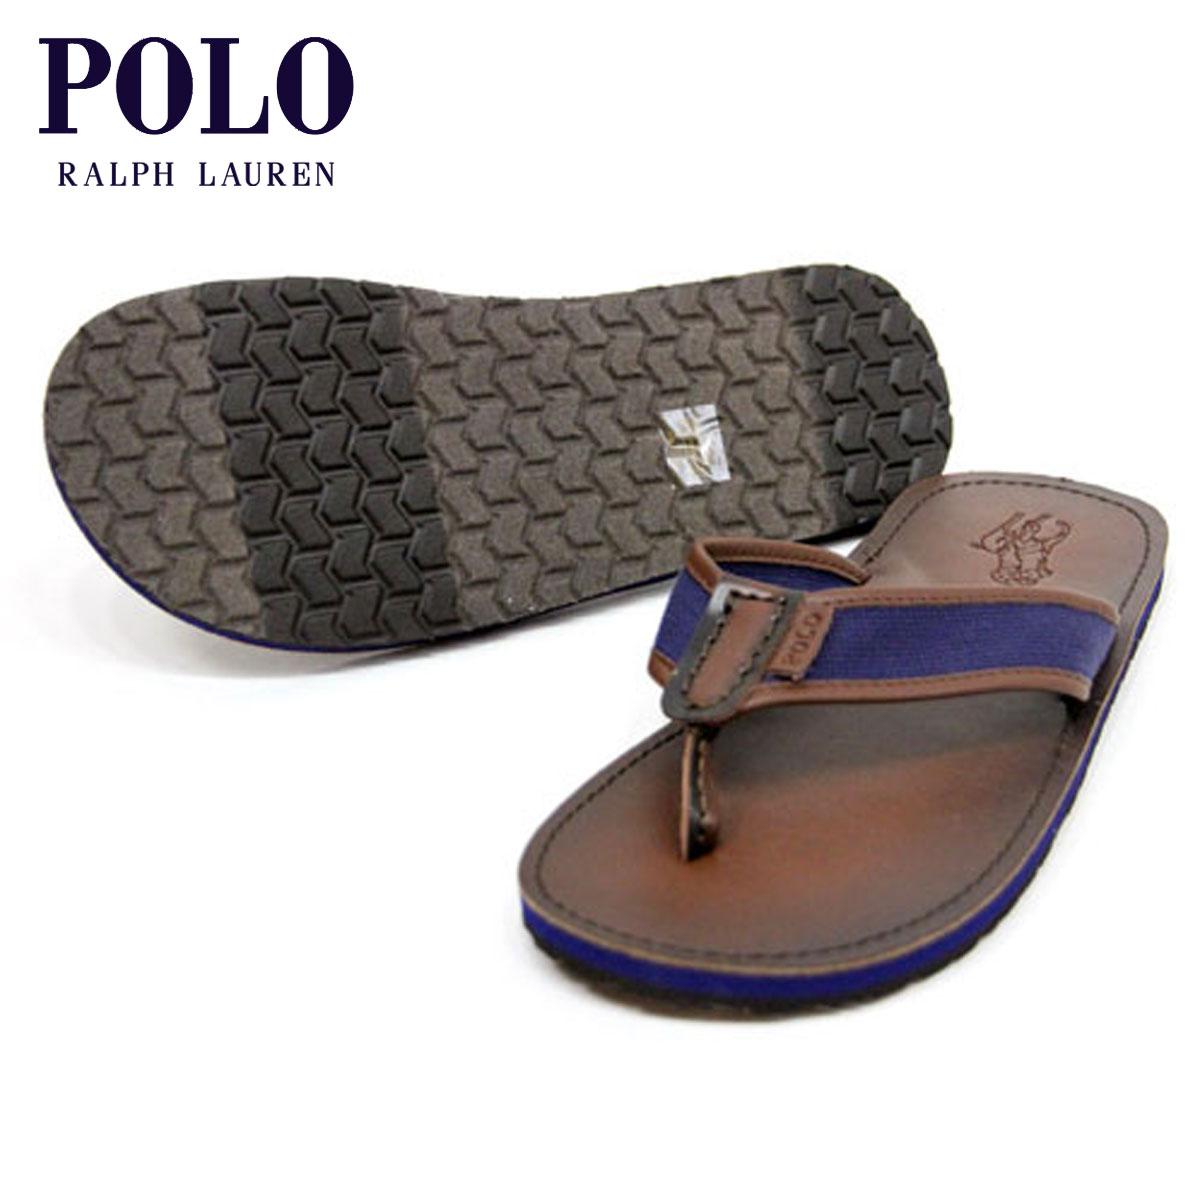 ポロ ラルフローレン POLO RALPH LAUREN 正規品 サンダル Seacroft Suede Sandal